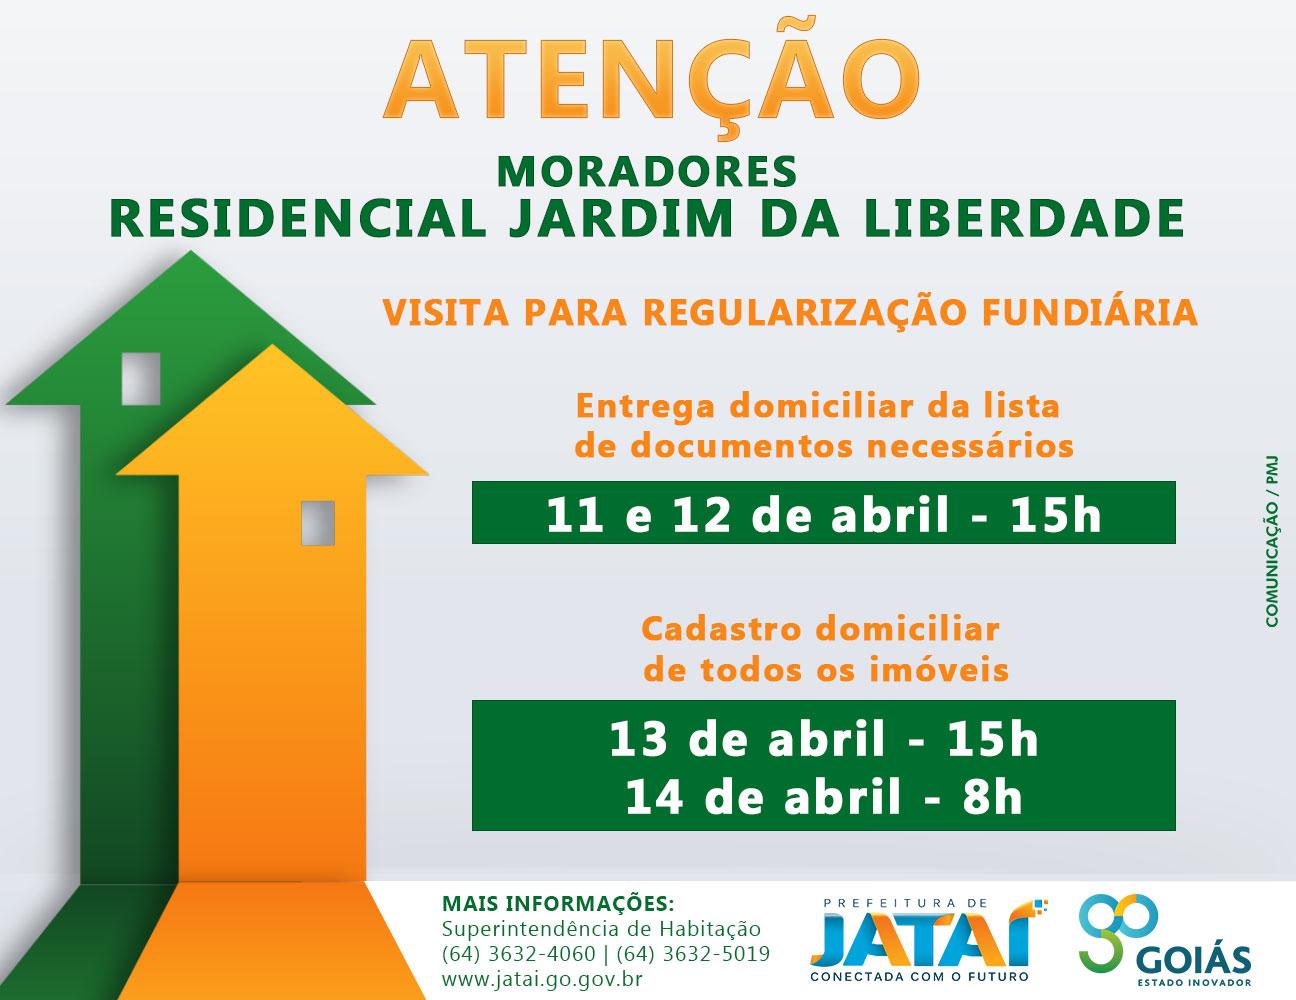 Regulariza O Fundi Ria Prefeitura Realizar Visita Domiciliar No